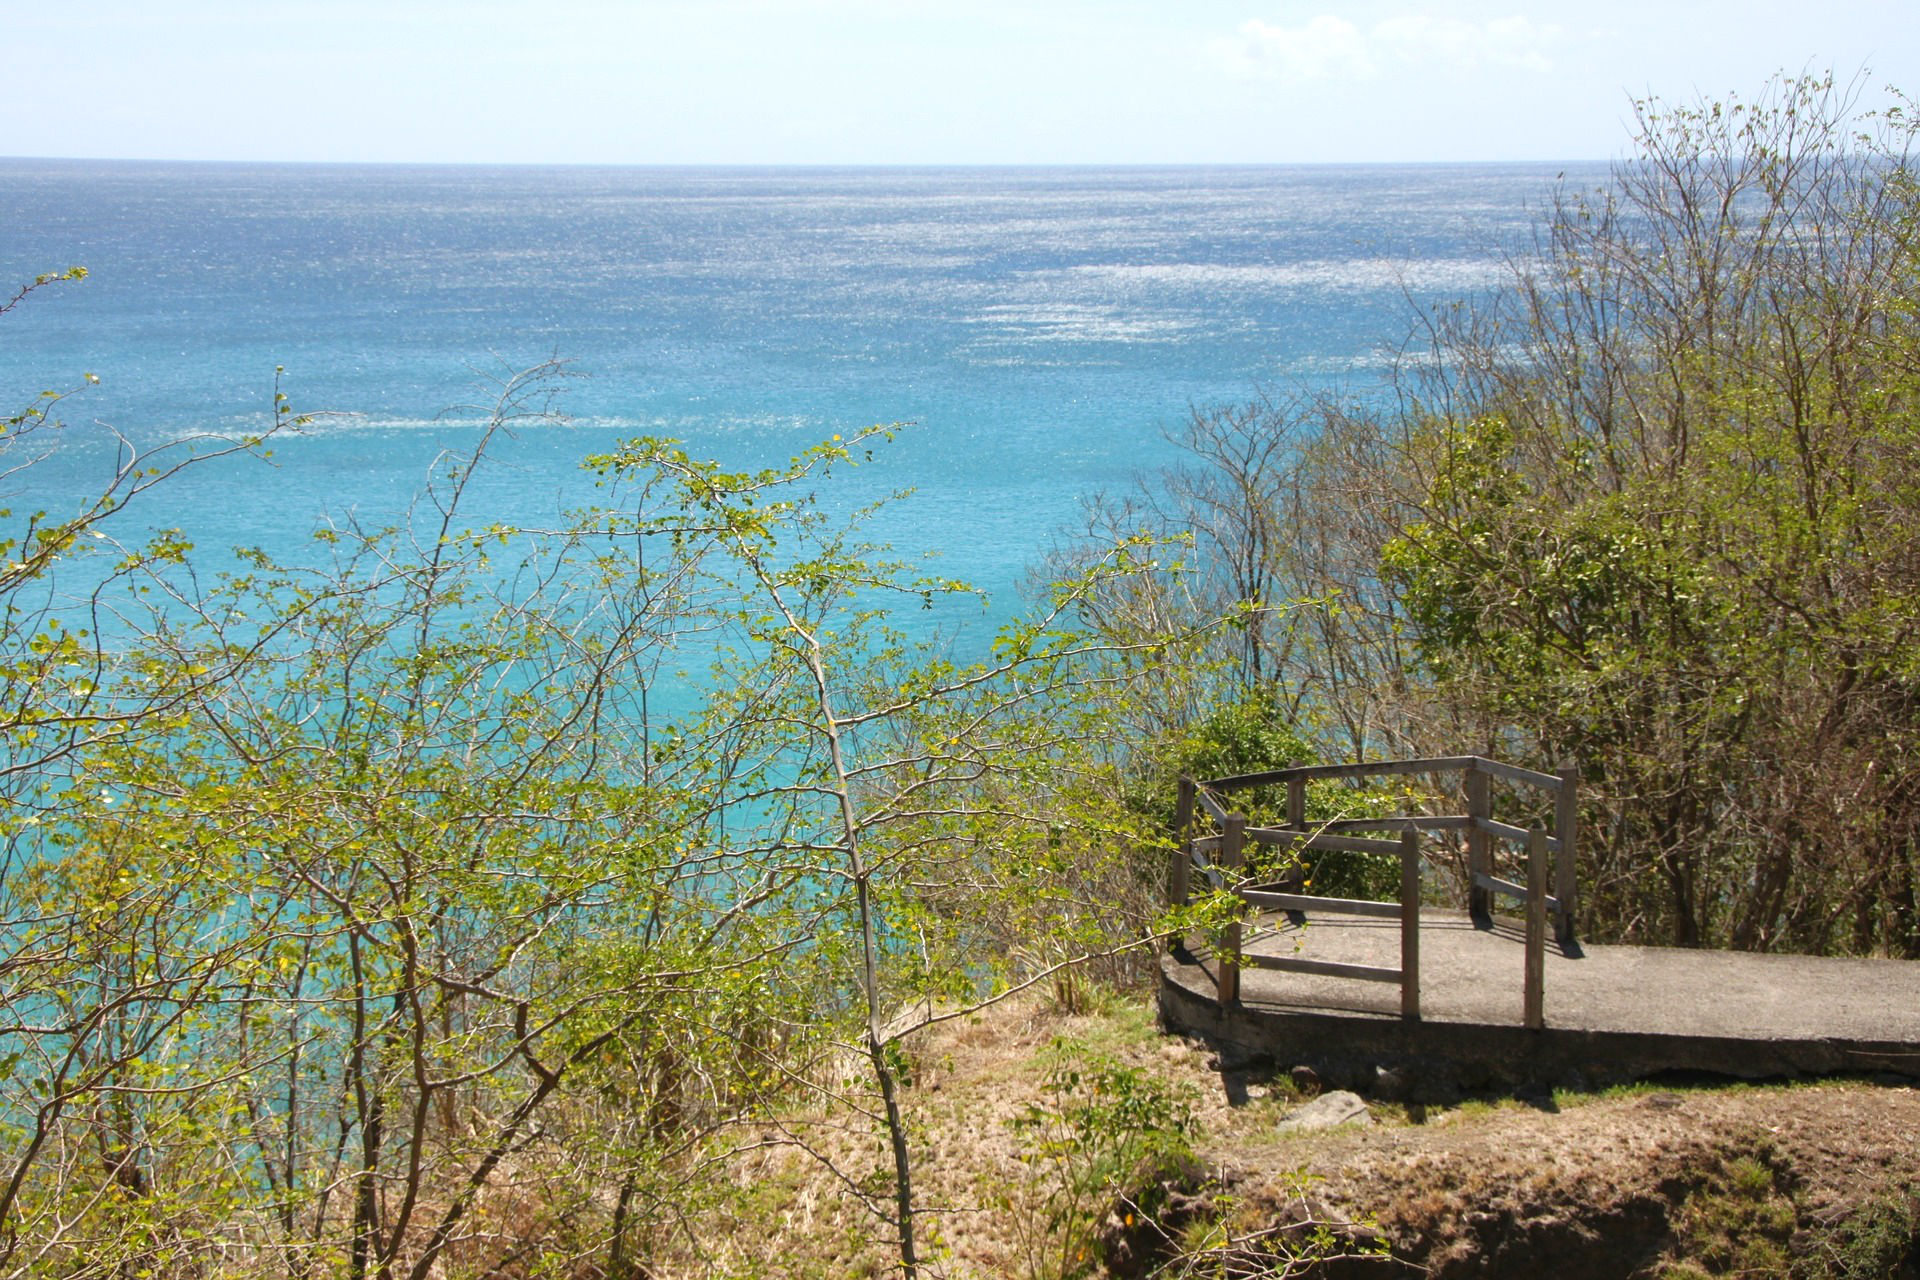 Die Insel bietet unzählige Aussichtsplattformen, von denen du einen atemberaubenden Blick auf das Meer bekommst